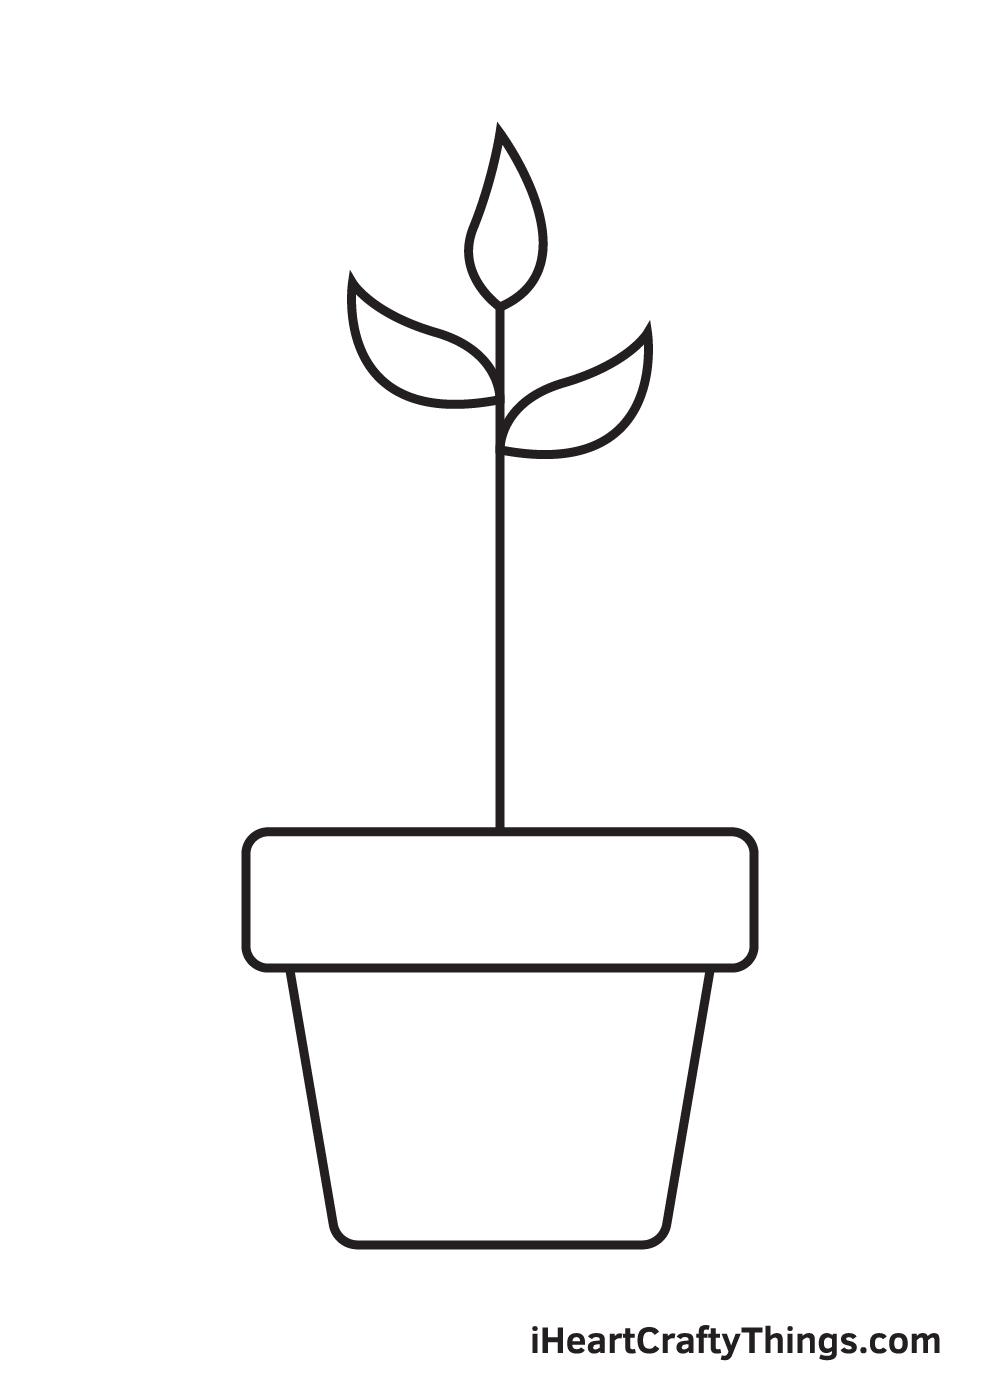 Bản vẽ thực vật - Bước 5